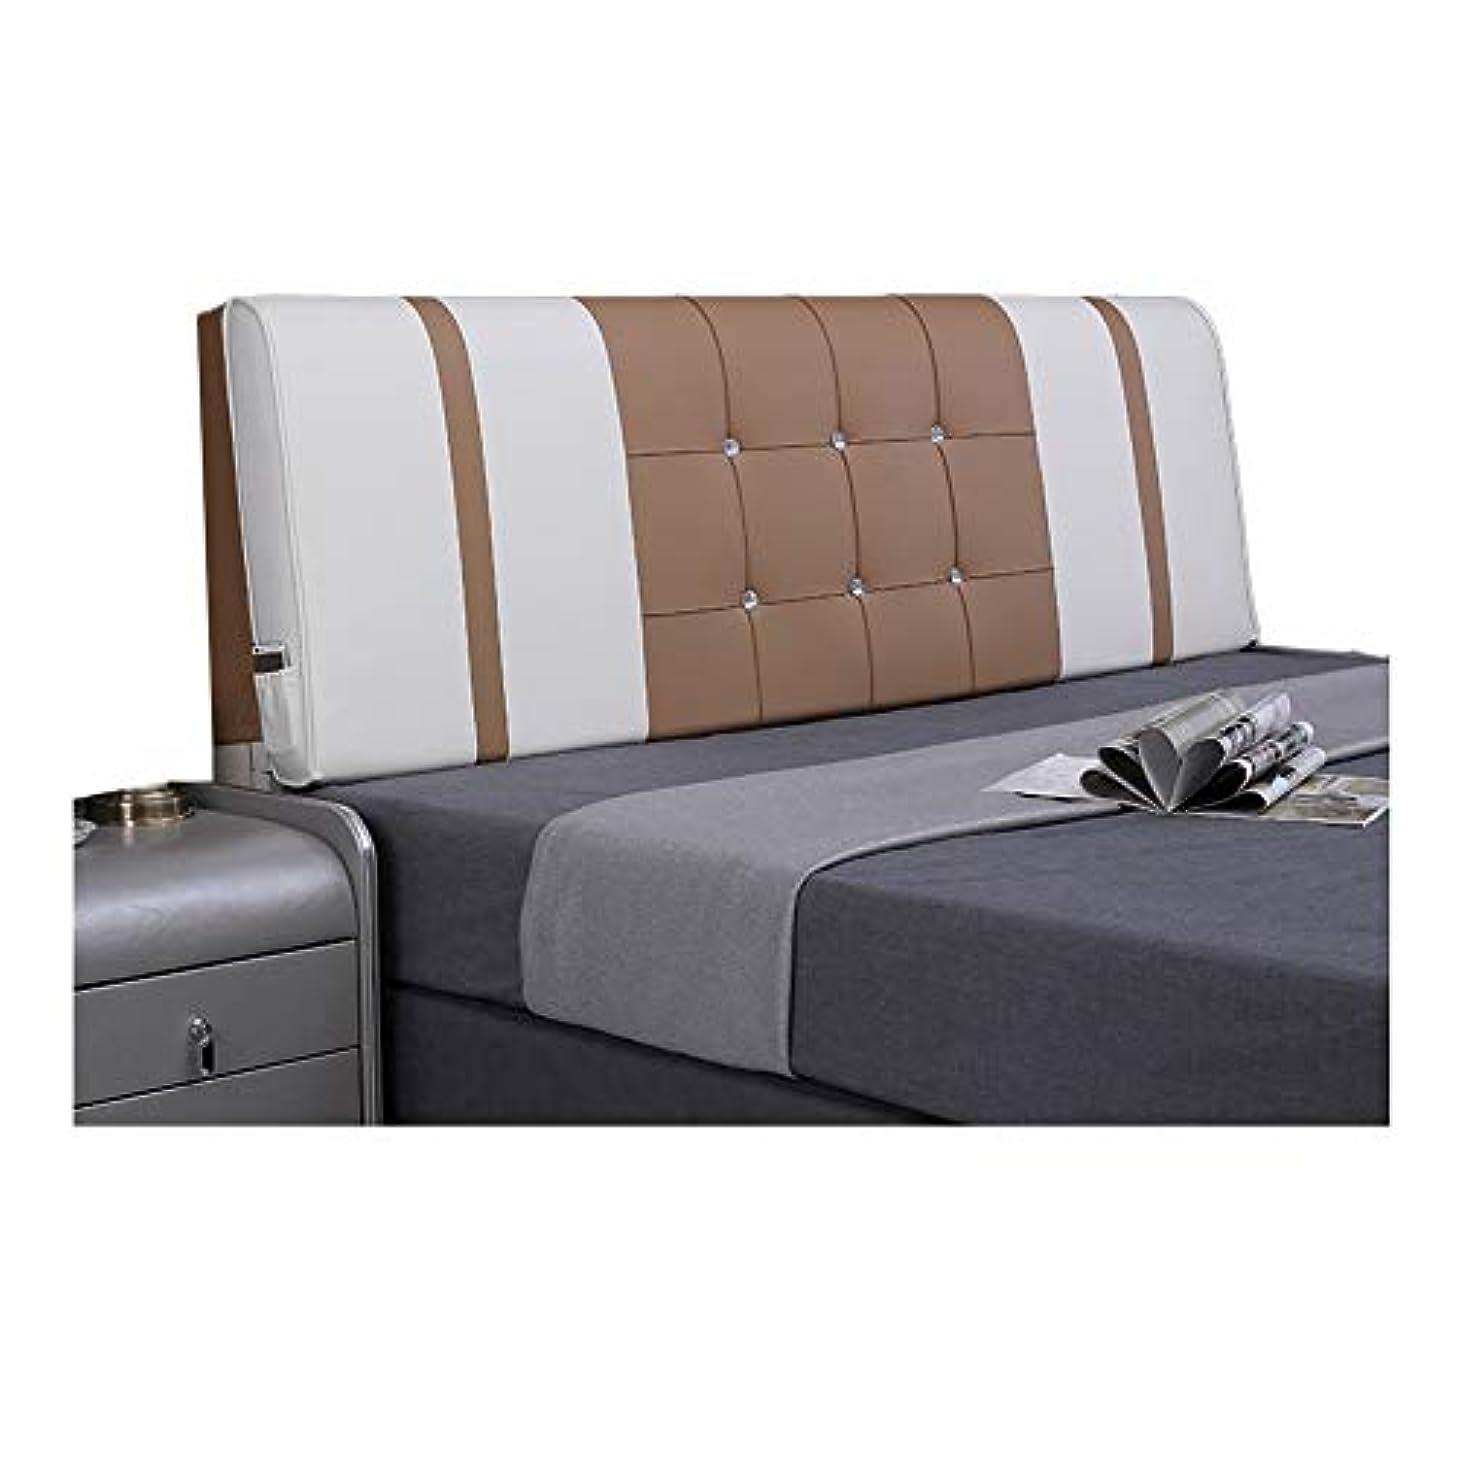 浴辛な社交的LIANGLIANG クションベッドの背もたれ 寝室 読んだ 残り 枕 サポート 腰 バック ボディポジショナー フィラー スポンジ 折りたたみなし、 8サイズ (Color : B, Size : 120x58x6cm)